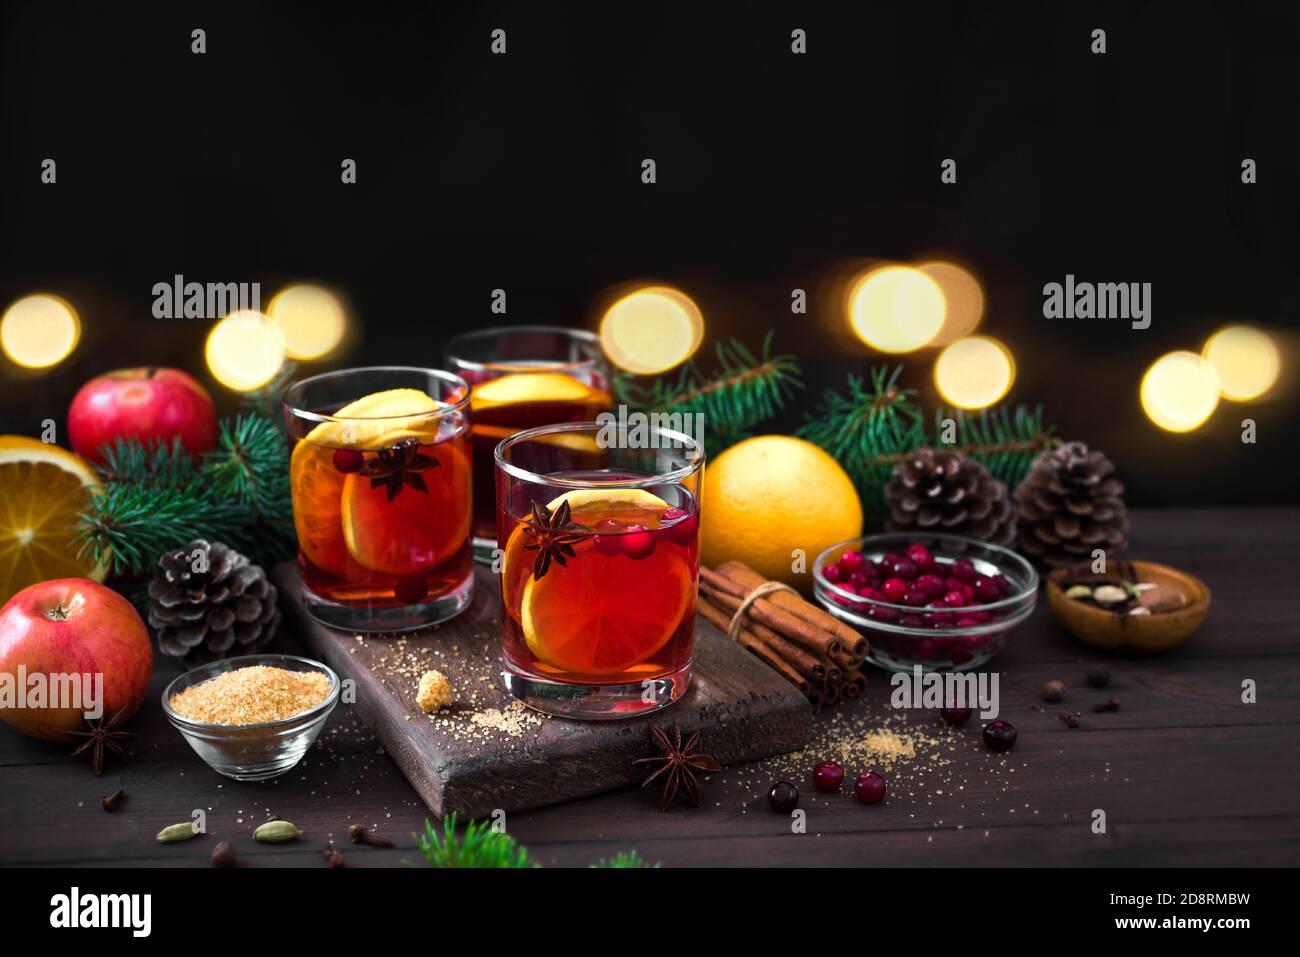 Vino tinto de Navidad con especias y naranjas sobre mesa rústica de madera. Bebida caliente tradicional para las vacaciones de Navidad e invierno. Foto de stock